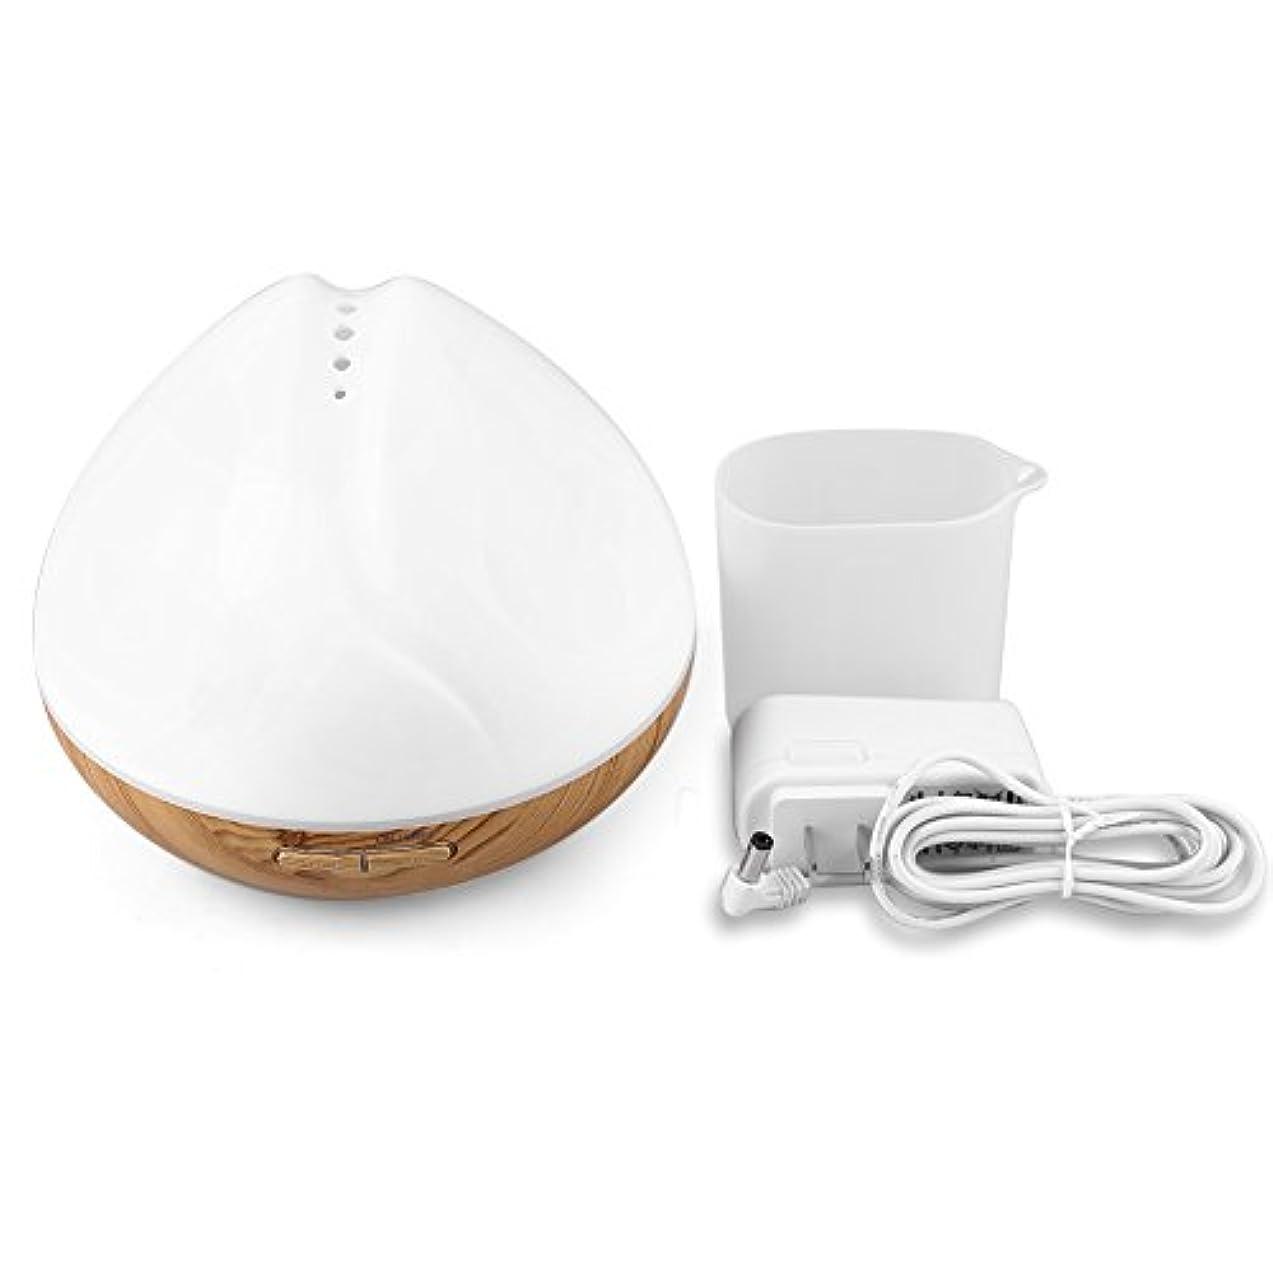 空気加湿器、WiFiスマートアロマLEDタイマー作品(US)